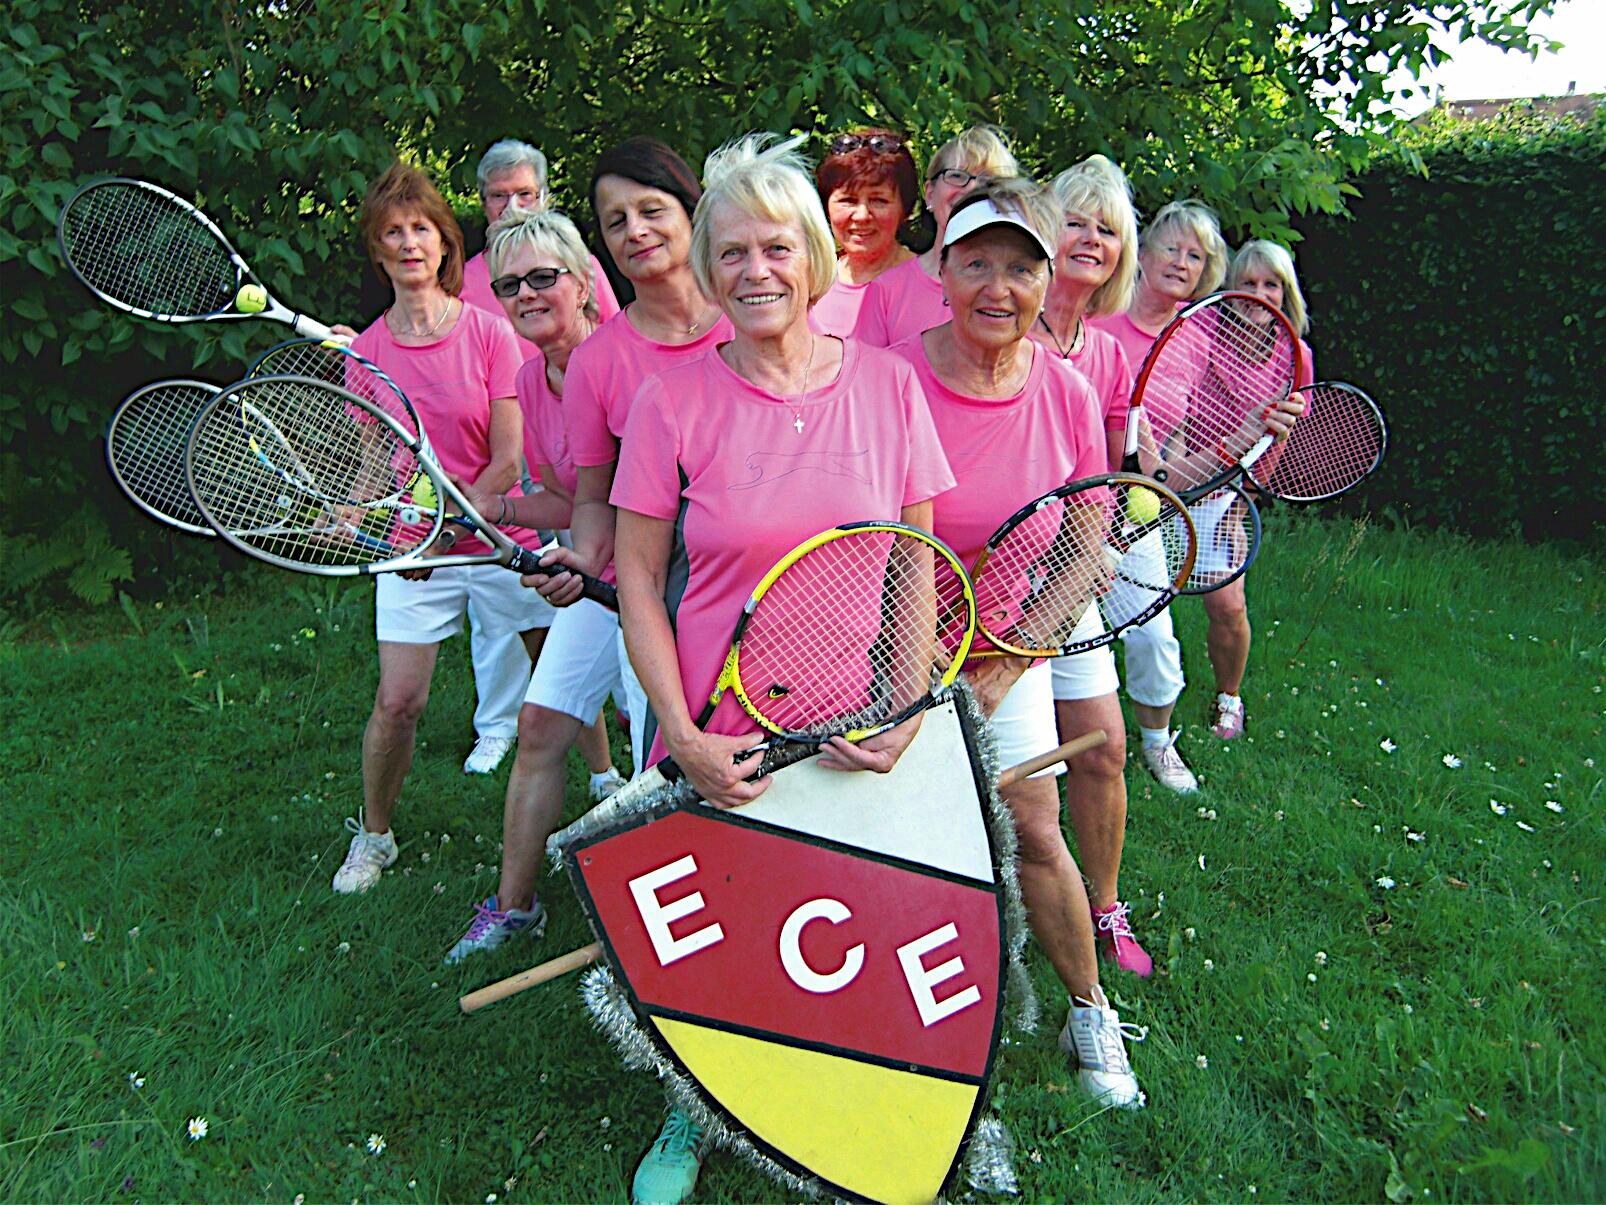 ECE Damen - Mannschaftsfoto